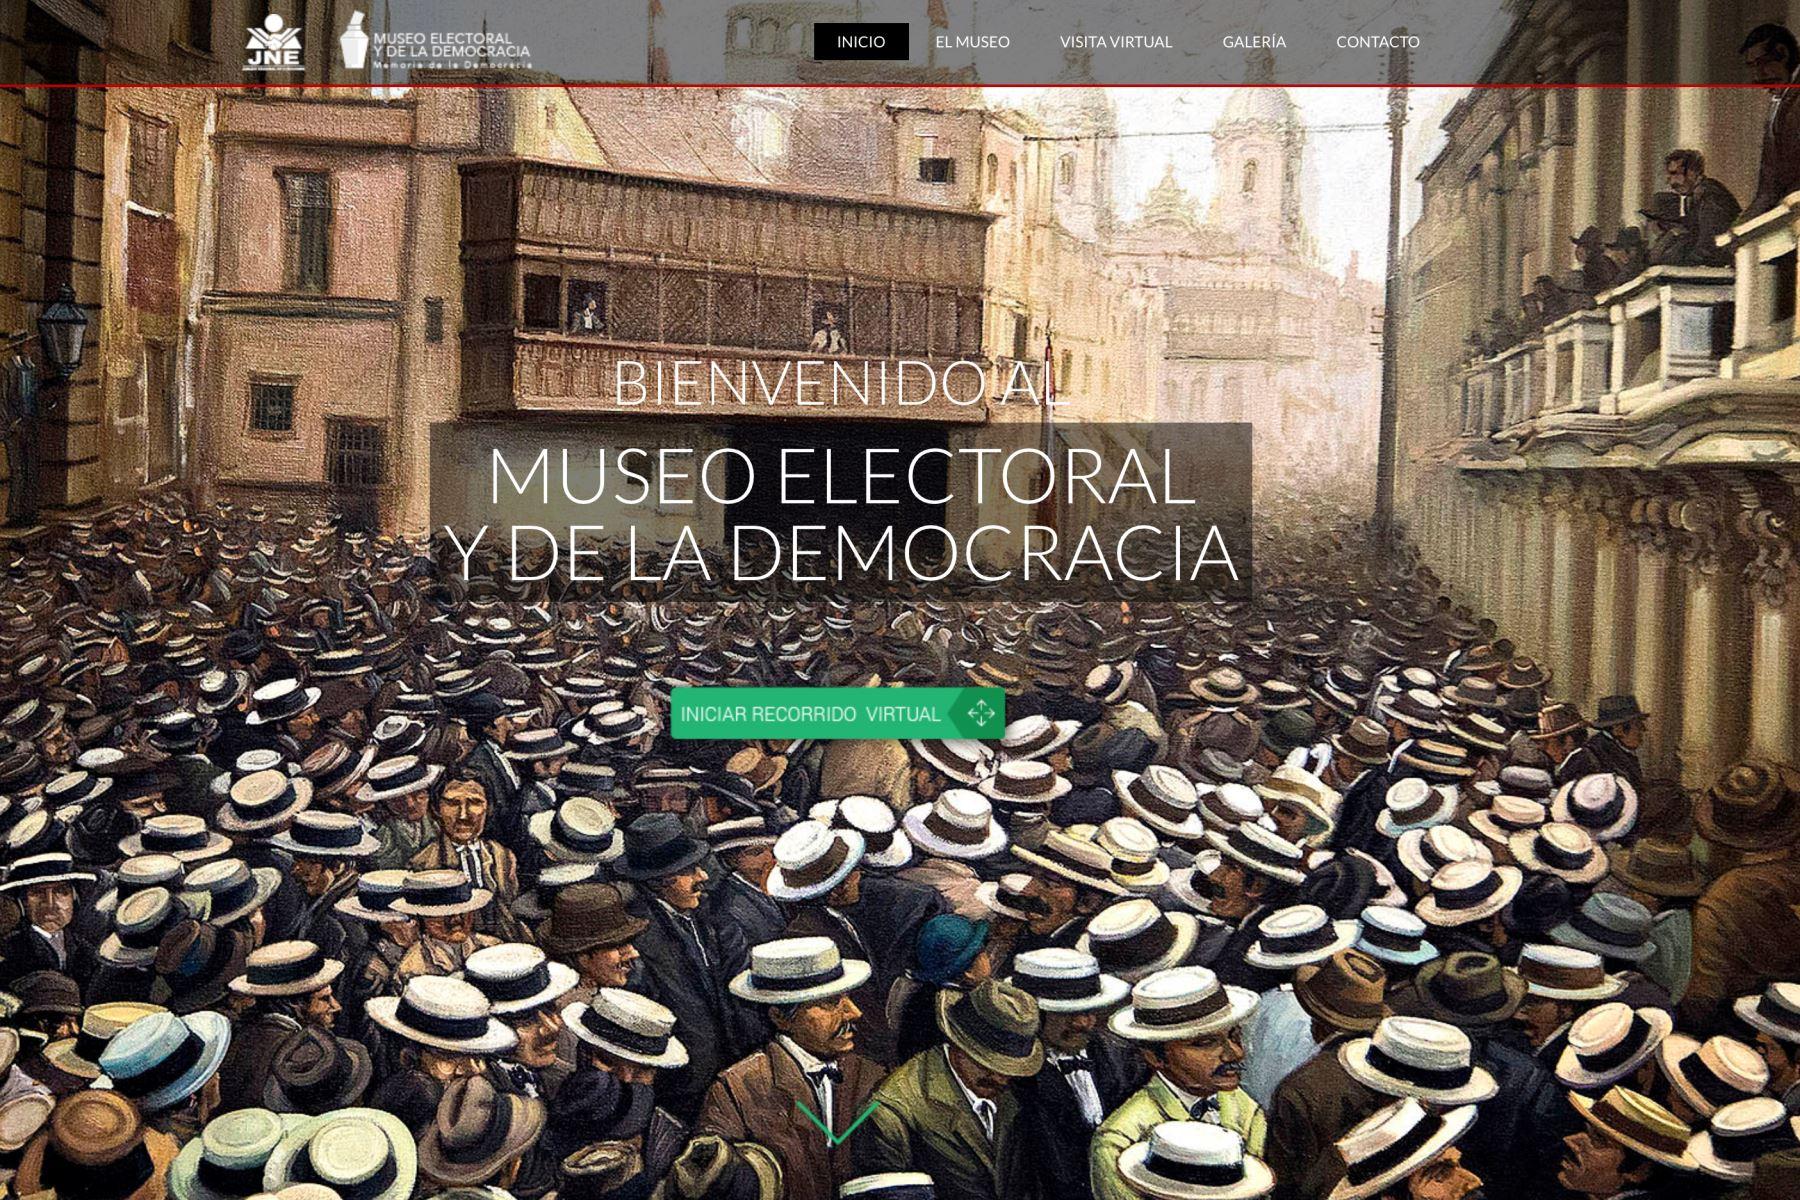 Museo electoral del JNE permite un recorrido virtual en el bicentenario